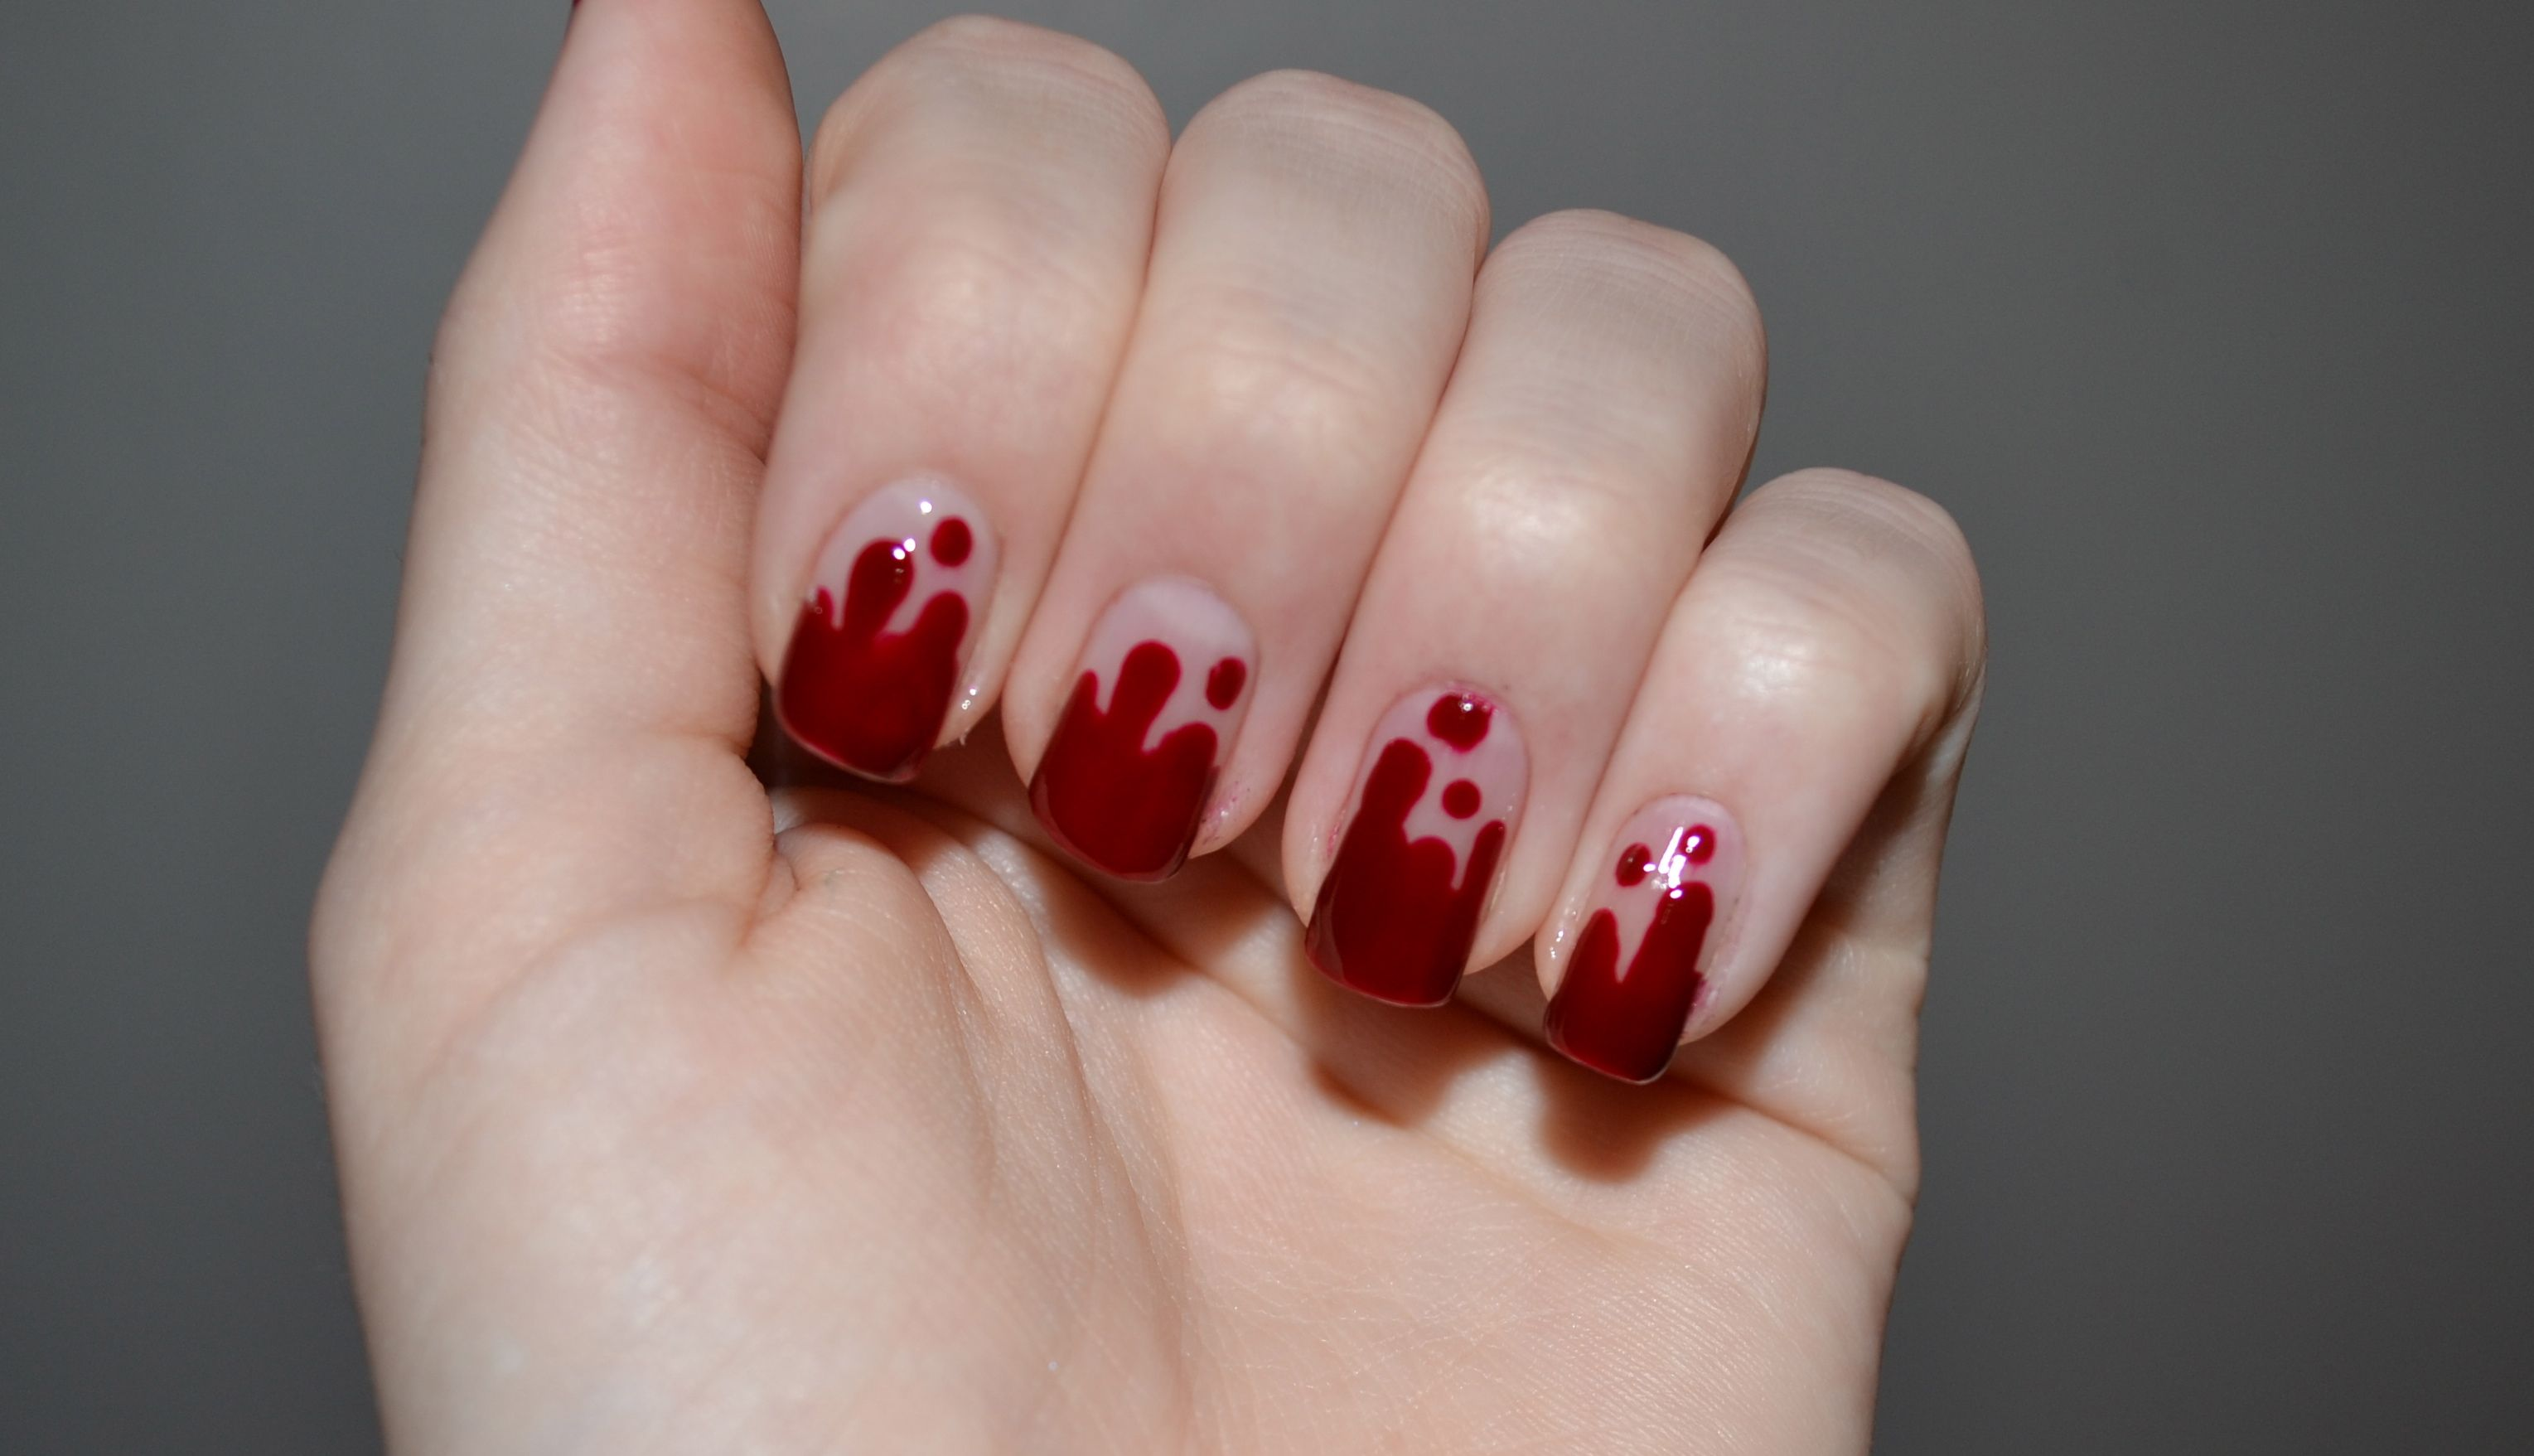 Blood drip nails | Halloween nail designs, Blood nails ...